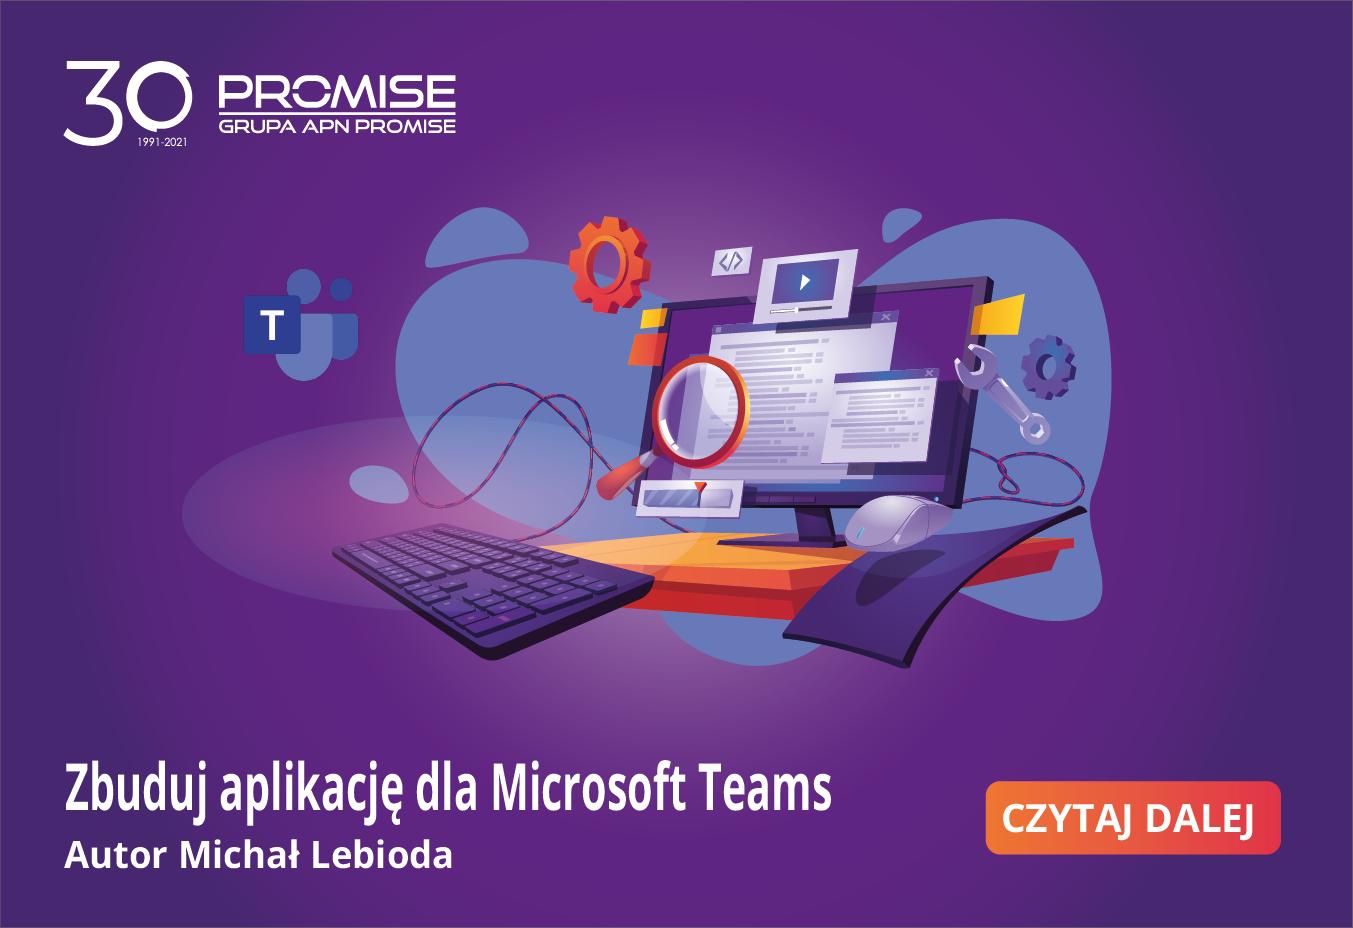 Zbuduj aplikację dla Microsoft Teams